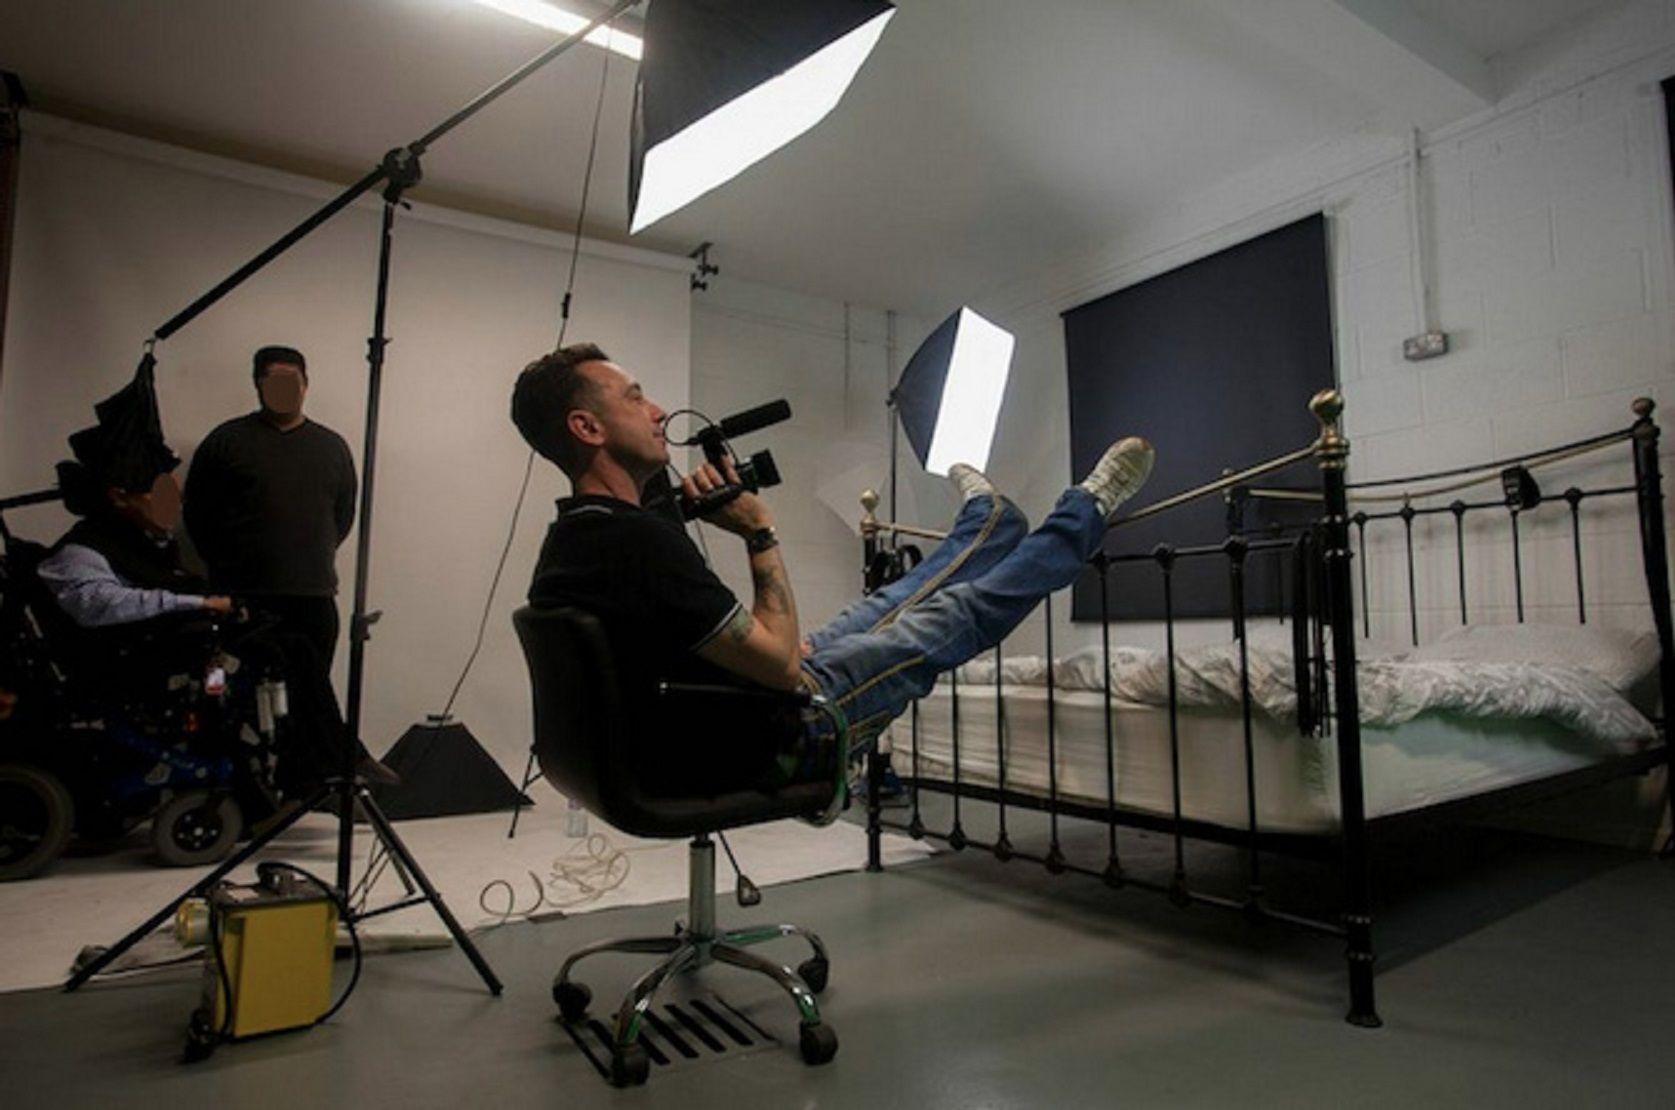 Convocan a jóvenes para filmar películas porno: ¿era una red de trata?